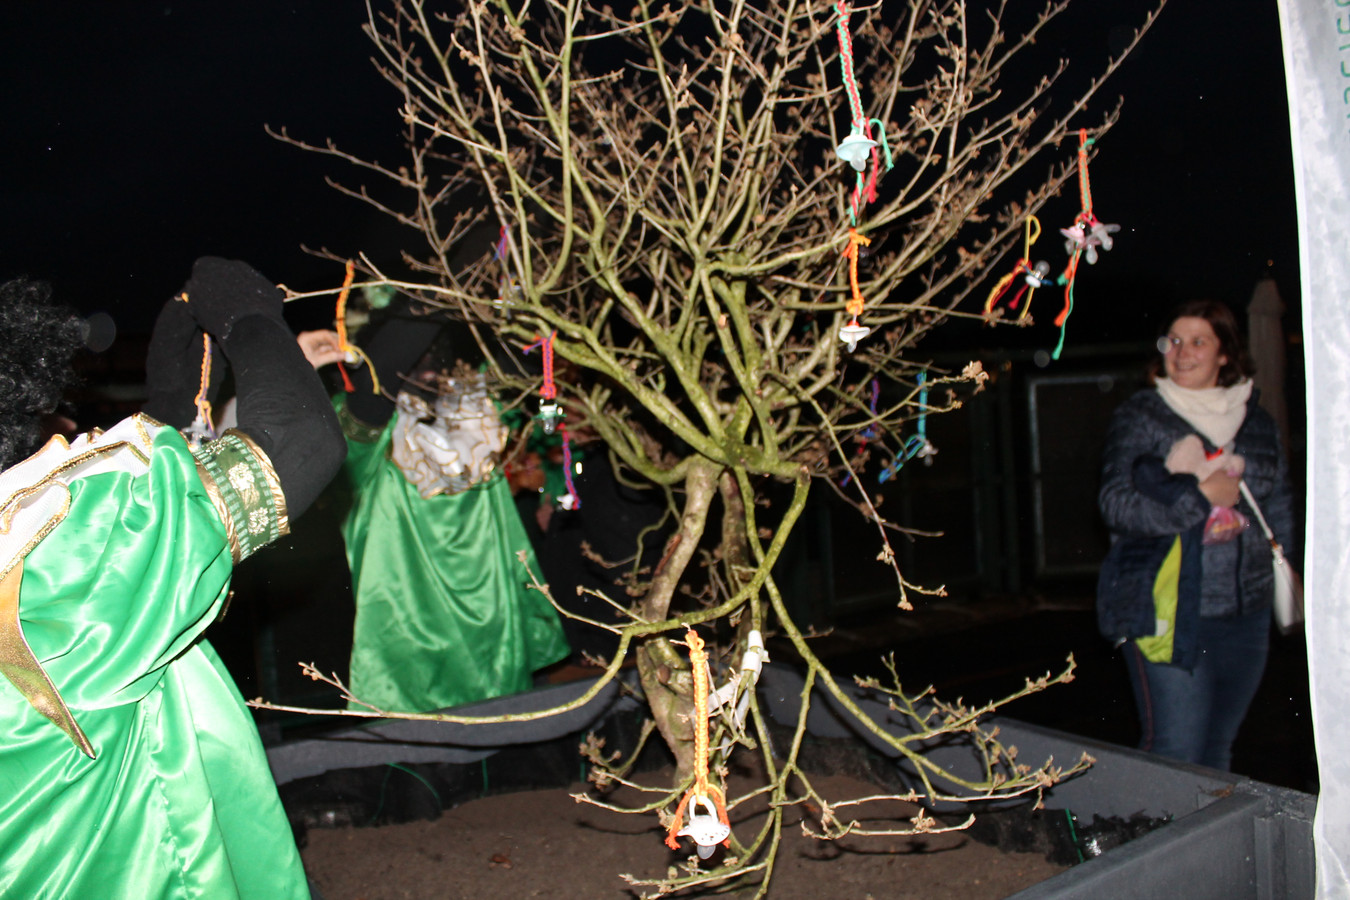 De tutjesboom in Meulebeke heeft een plaatsje gekregen aan buitenschoolse kinderopvang 't Berenhuisje.